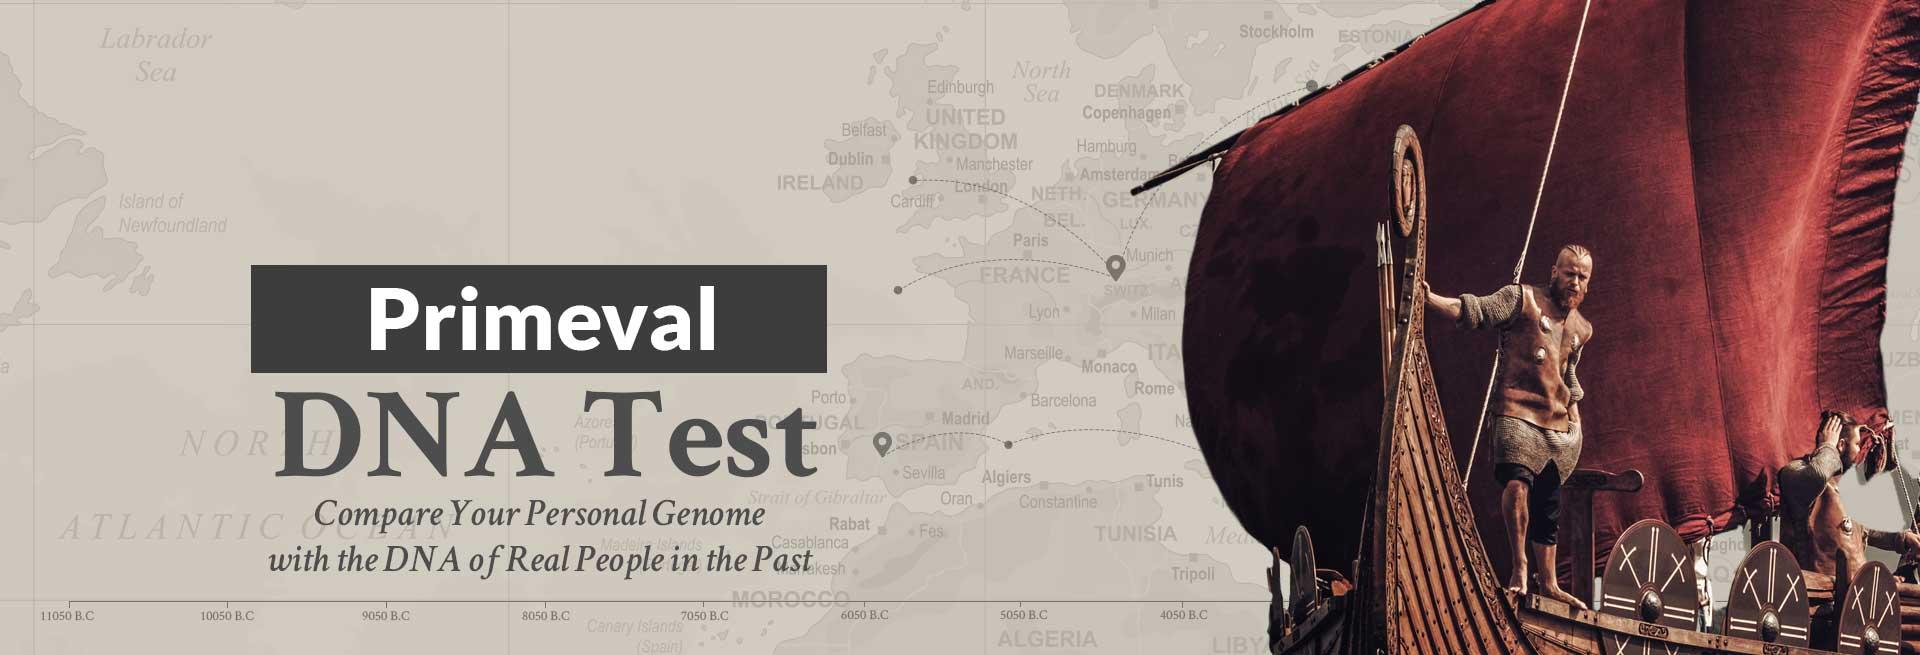 banner-PRODUCT-PRIMEVAL-DNA-TESt